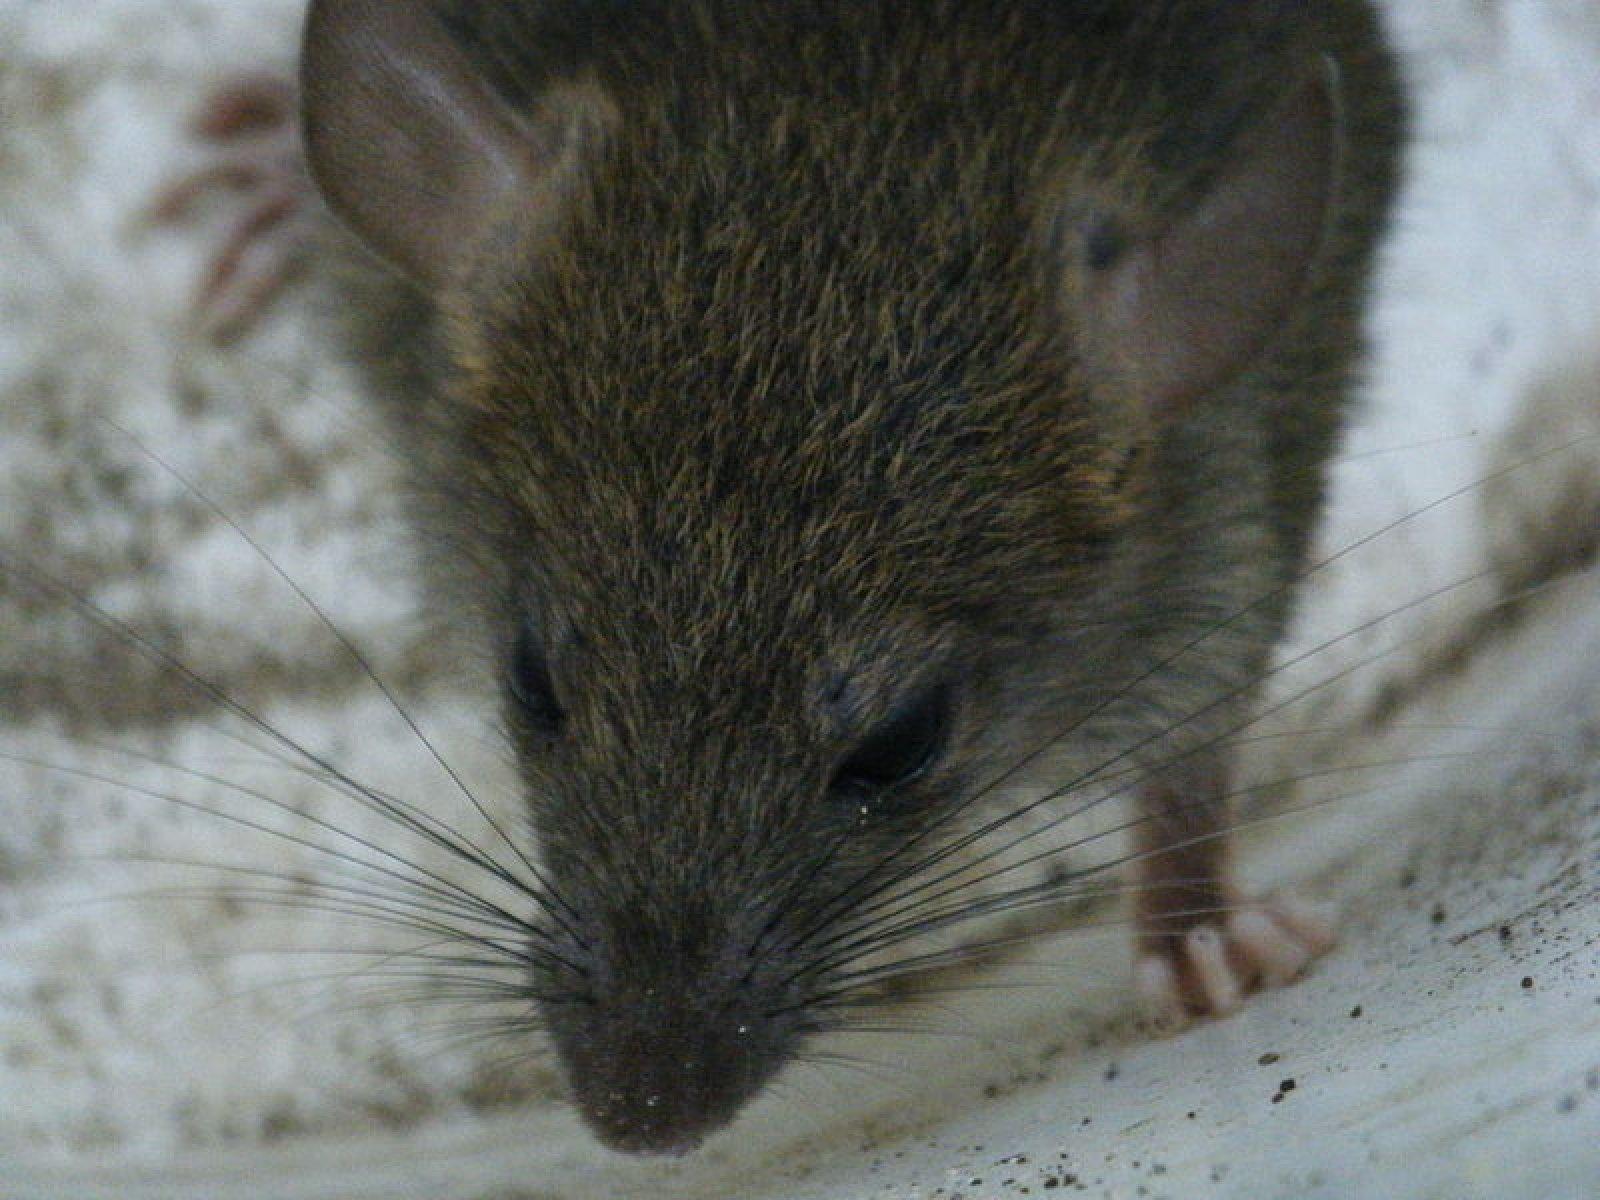 Un exemplar de rata noruega